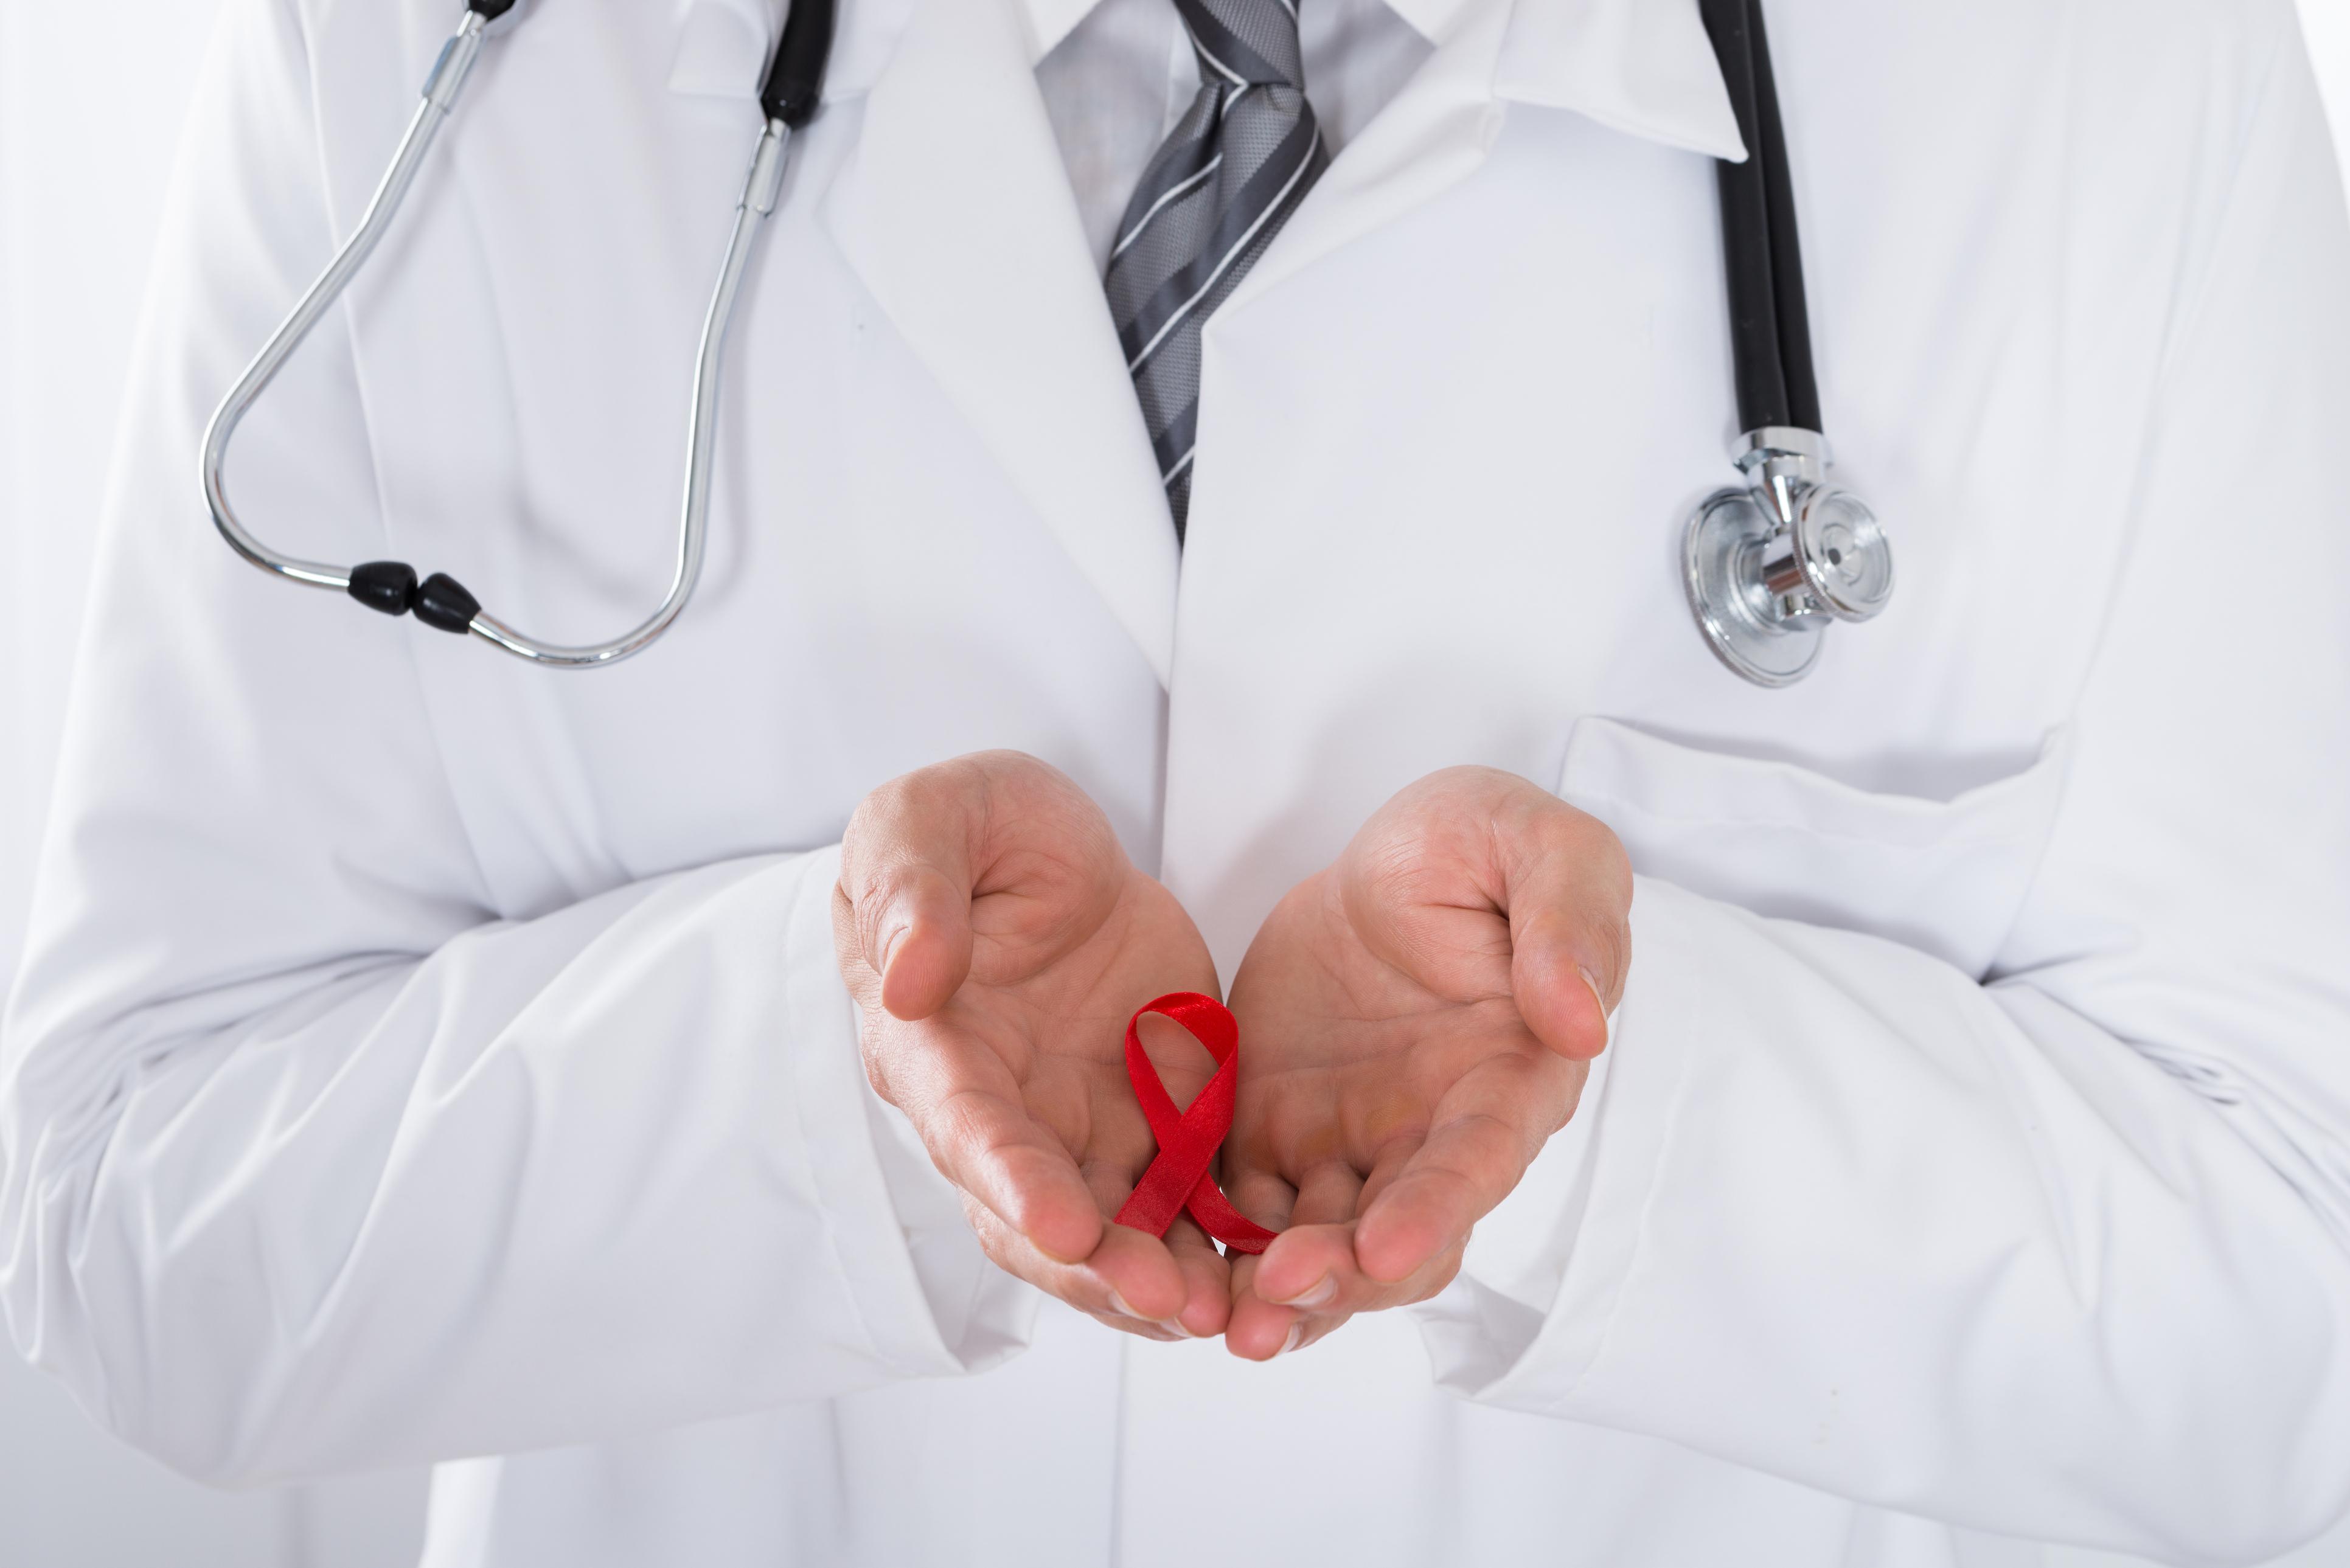 3.2. Stadijumi HIV infekcije i simptomi